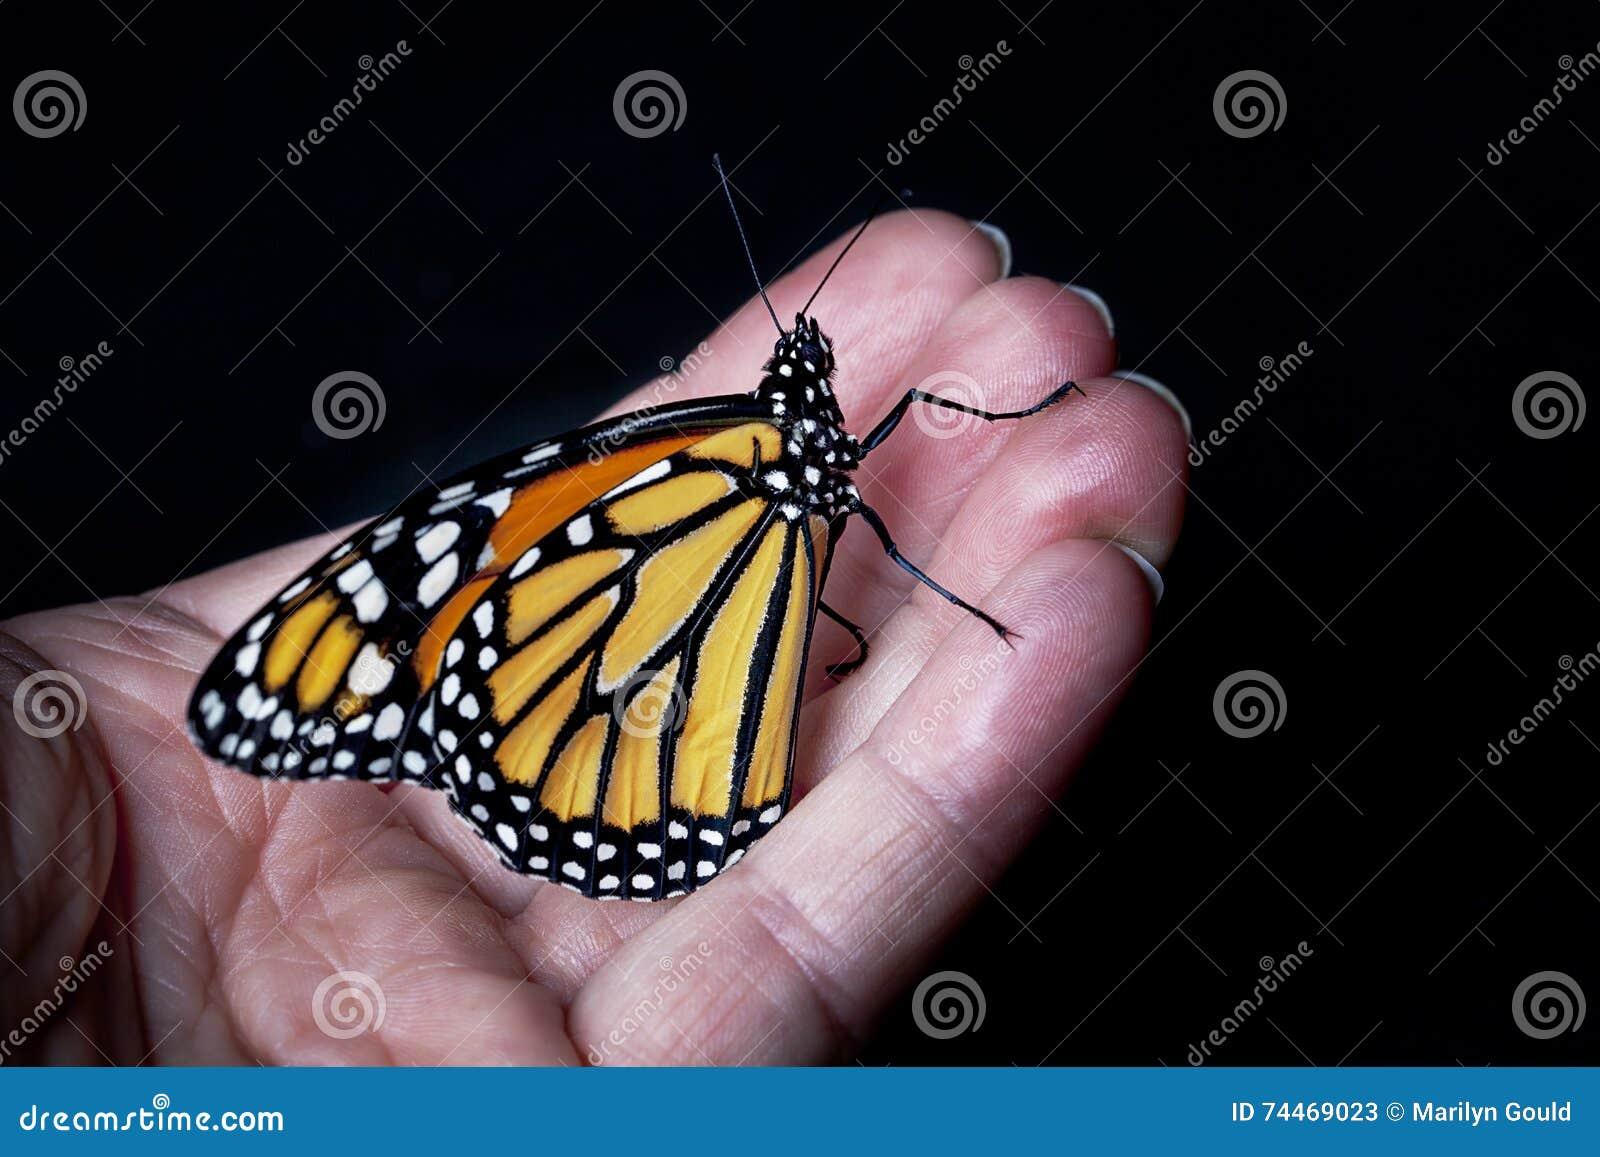 Πεταλούδα μοναρχών σε διαθεσιμότητα